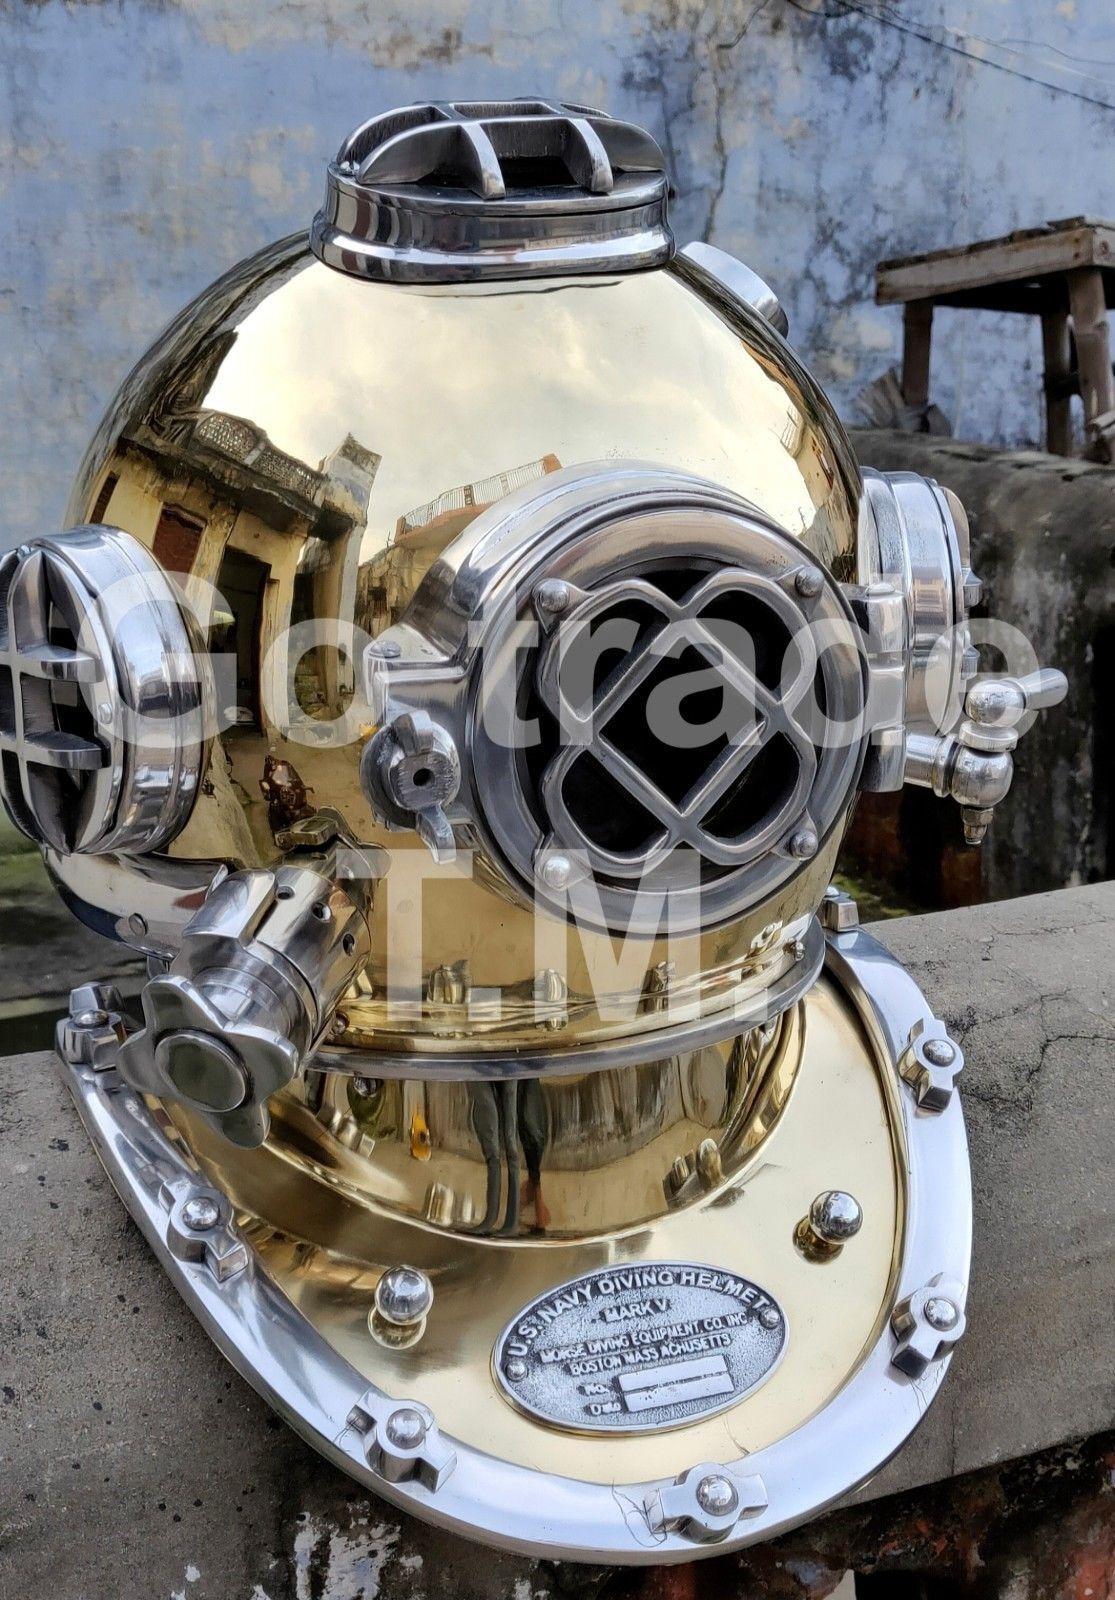 US Navy Mark V Vintage Dive Helmet Antique Diving Divers Helmet Christmas gift